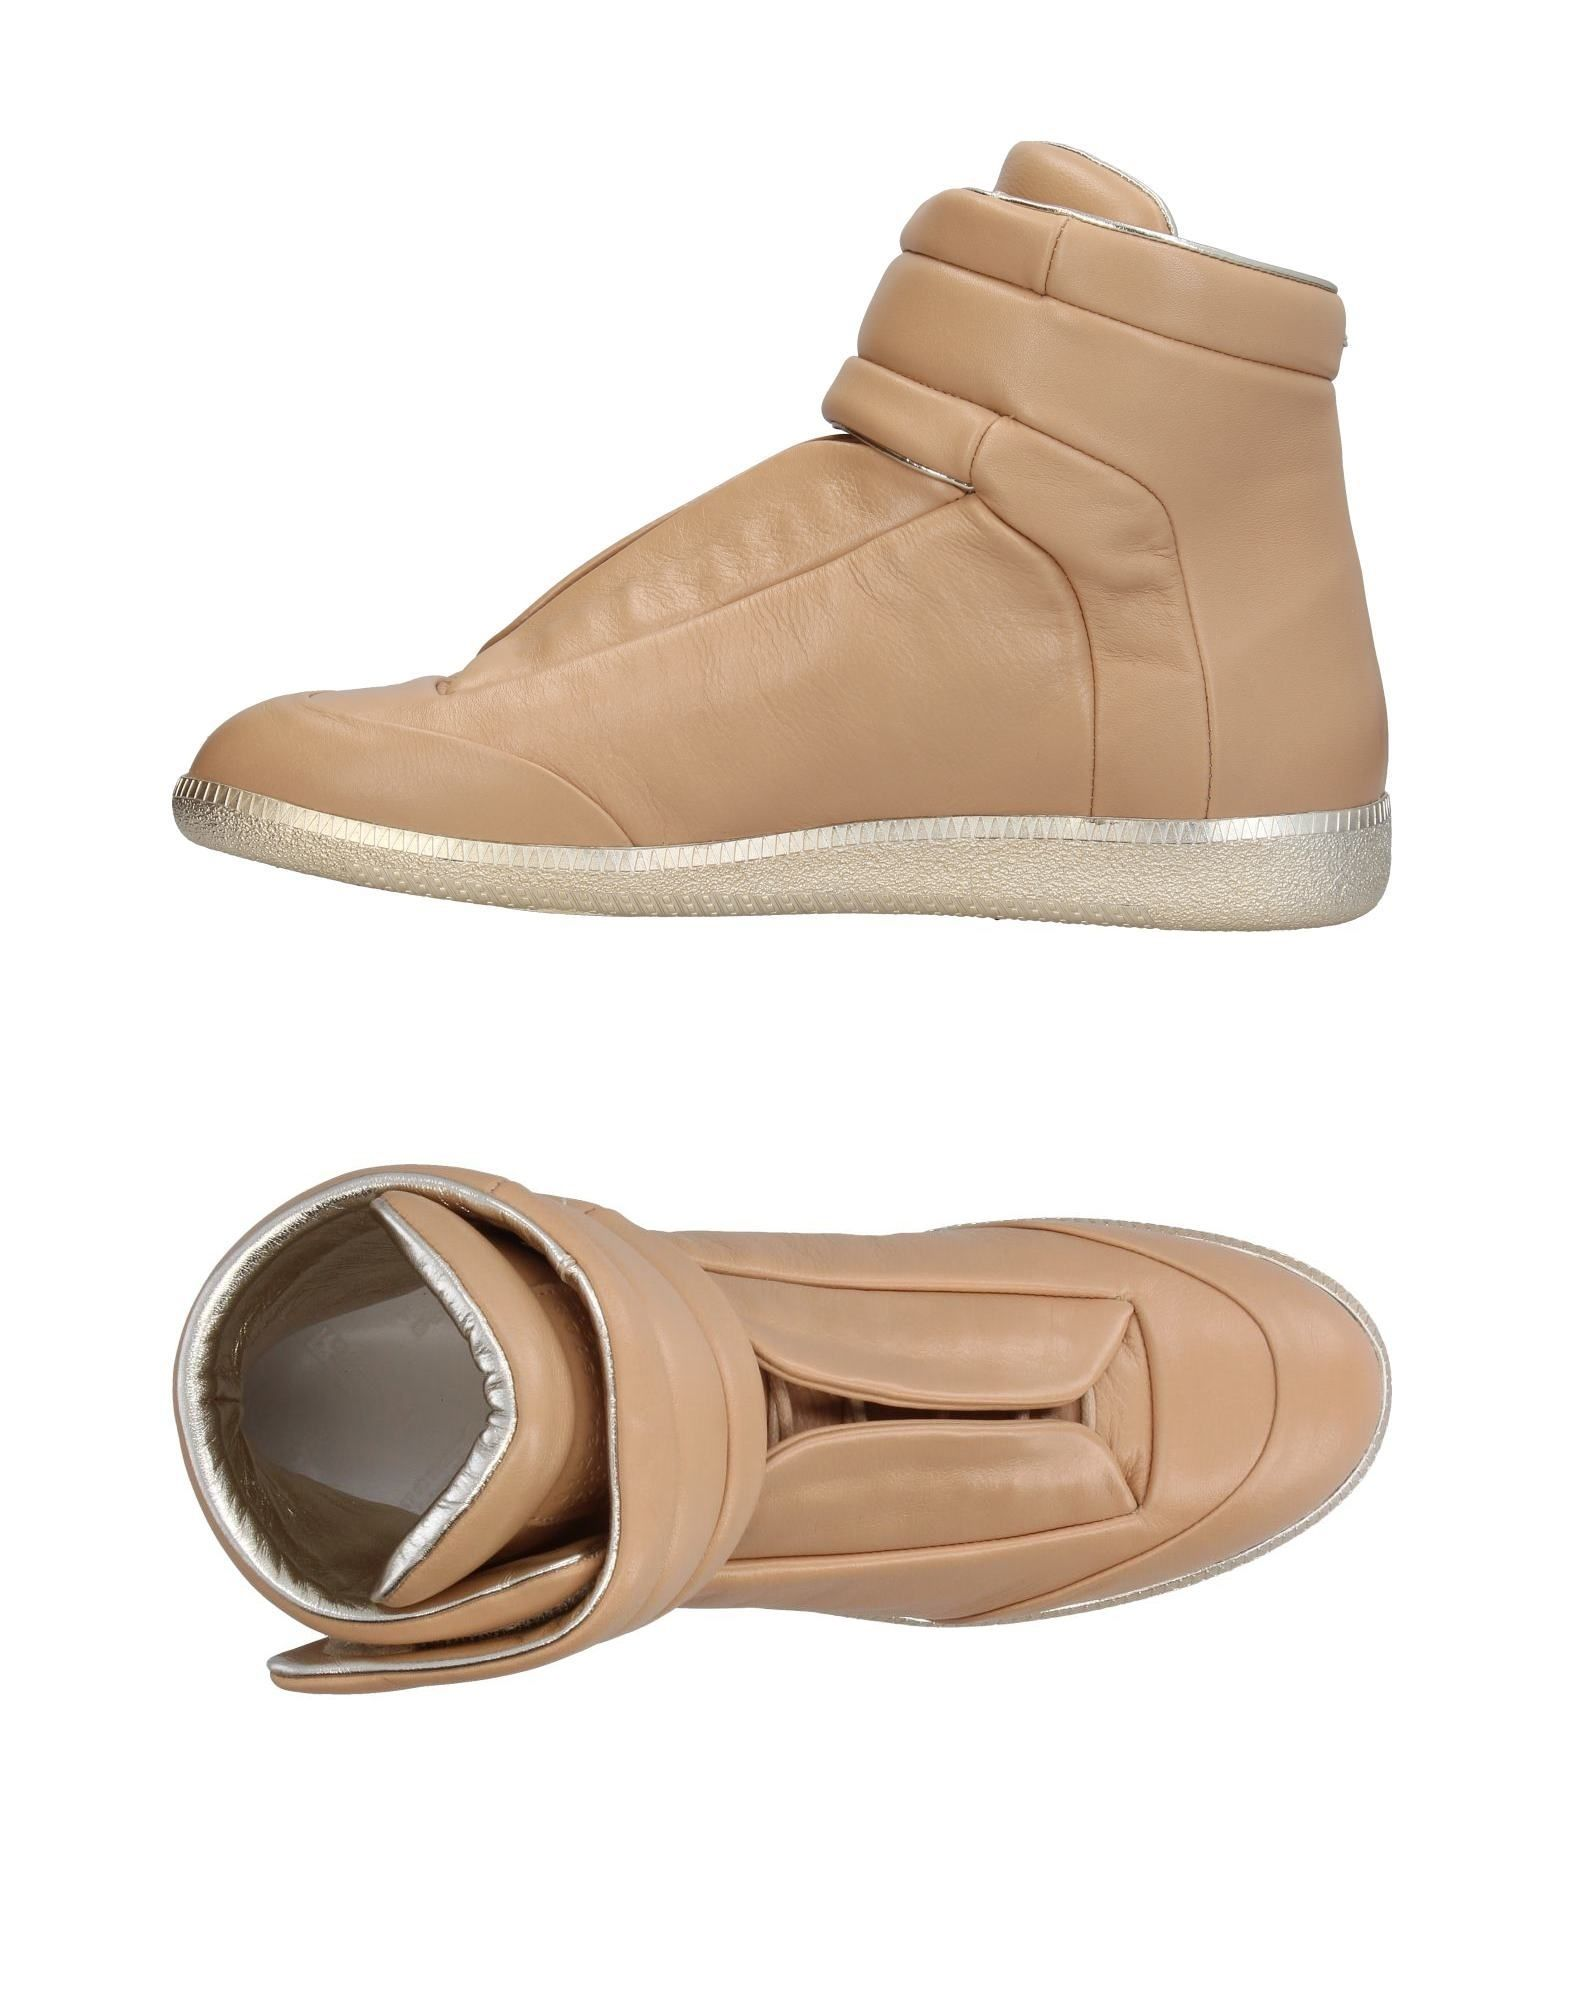 Maison Margiela Sneakers Herren  Schuhe 11351918NB Gute Qualität beliebte Schuhe  f626e2